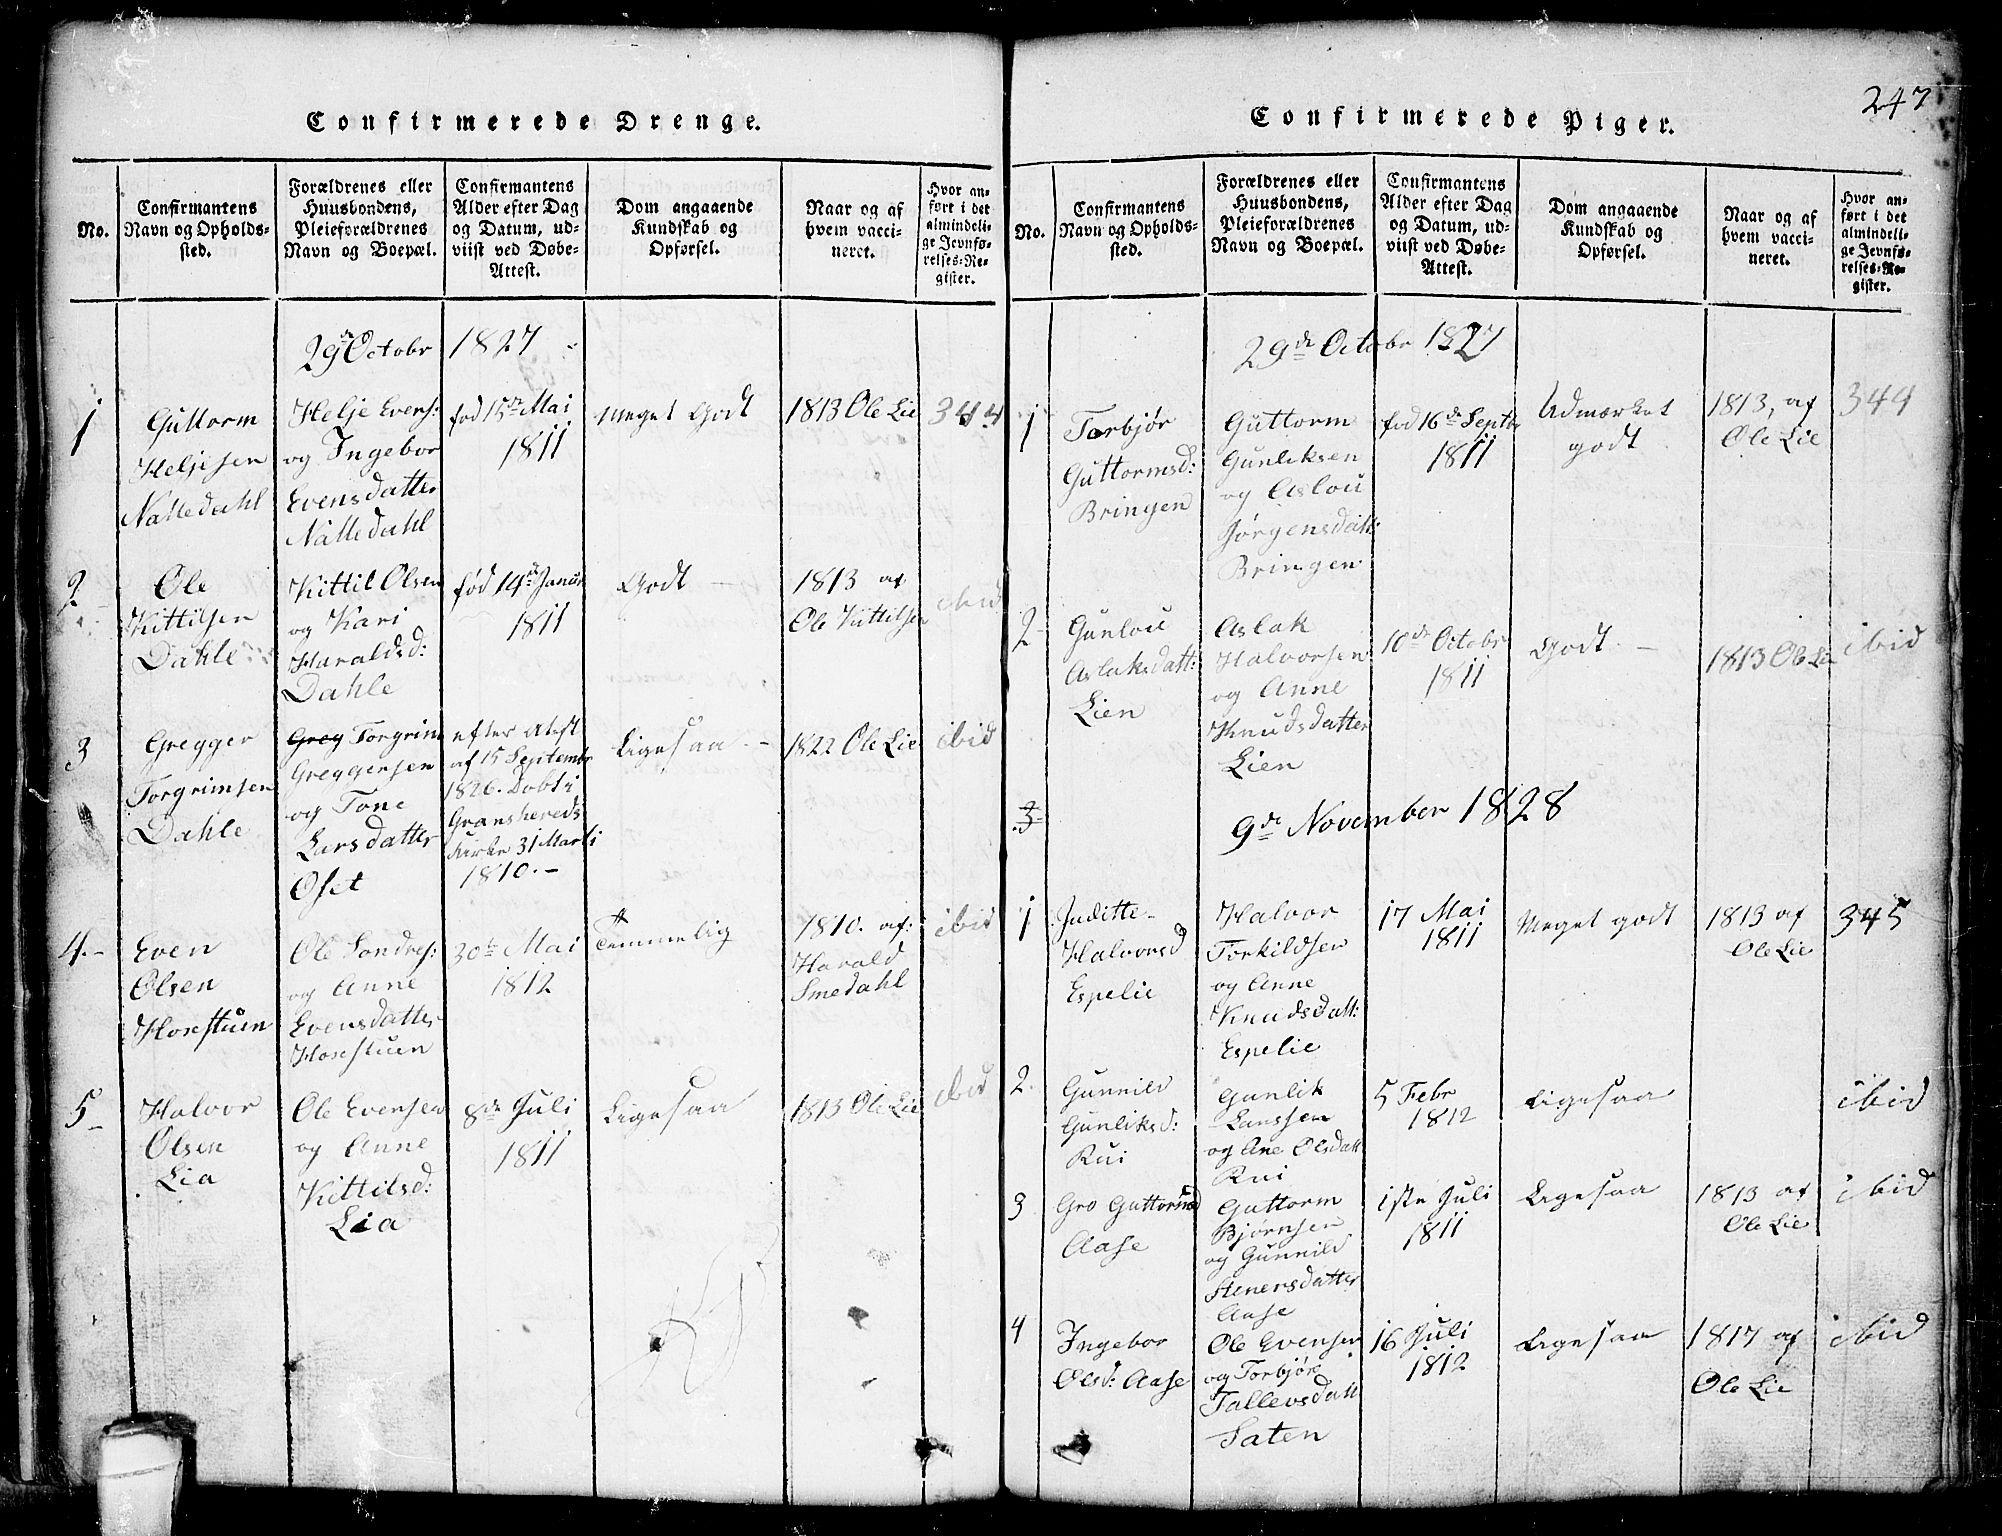 SAKO, Seljord kirkebøker, G/Gb/L0002: Klokkerbok nr. II 2, 1815-1854, s. 247